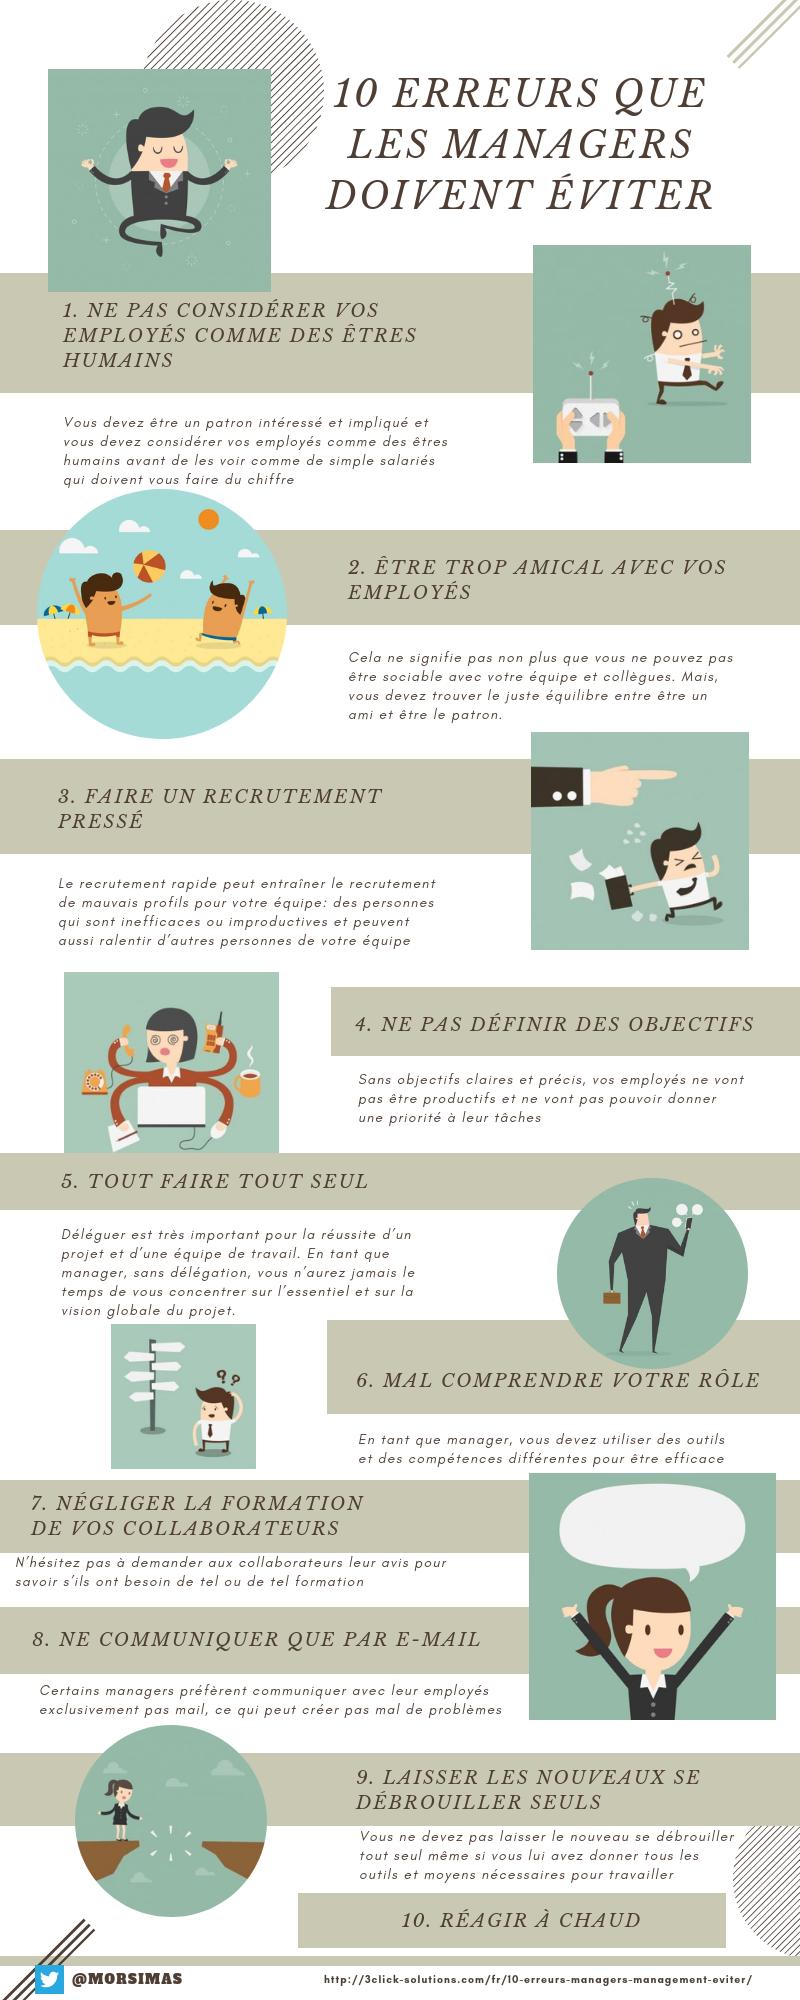 Infographie : 10 erreurs que les managers doivent éviter